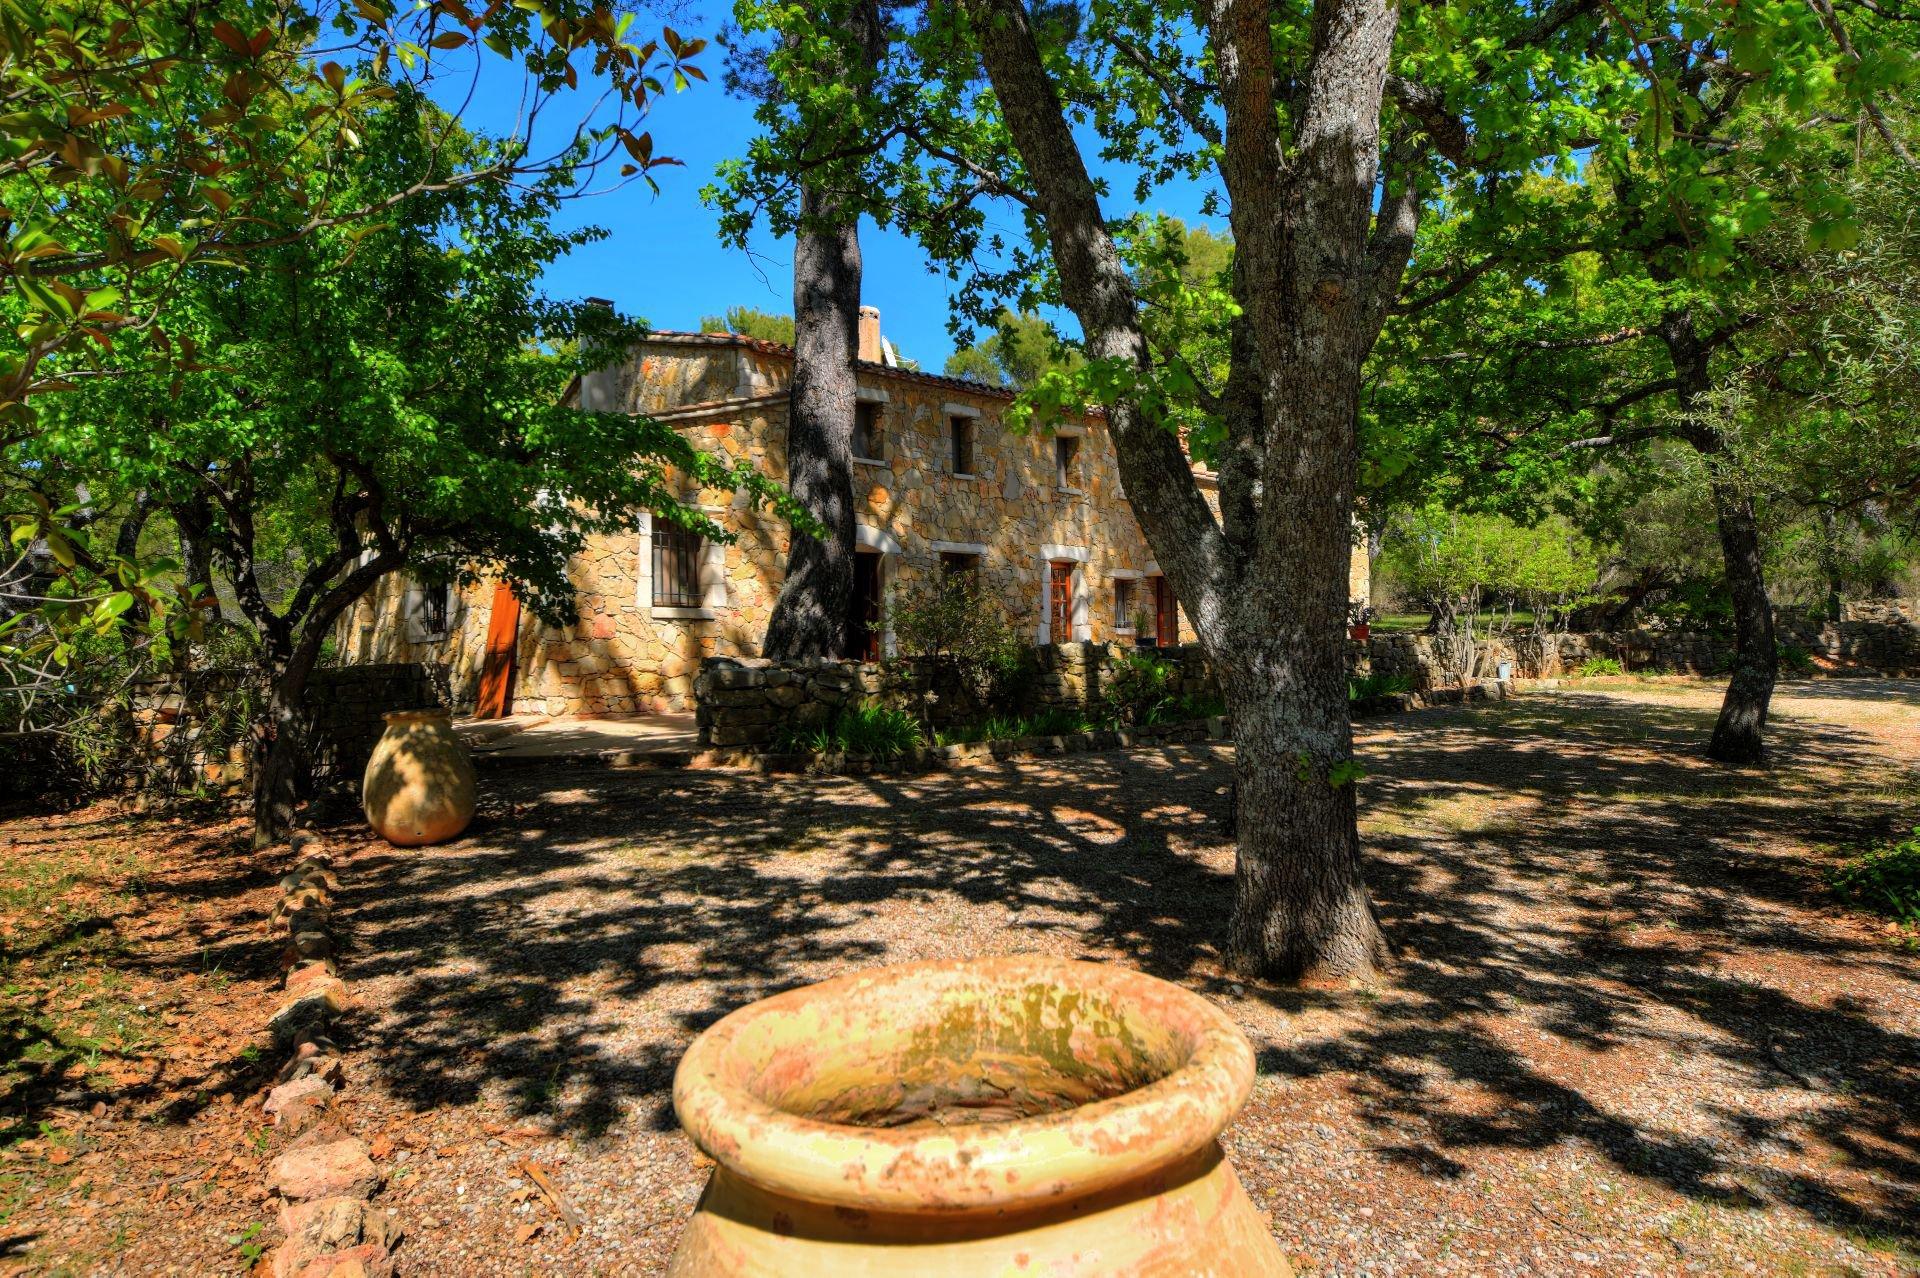 Vue de l'ancienne bergerie rénovée Tourtour, Var, Provence